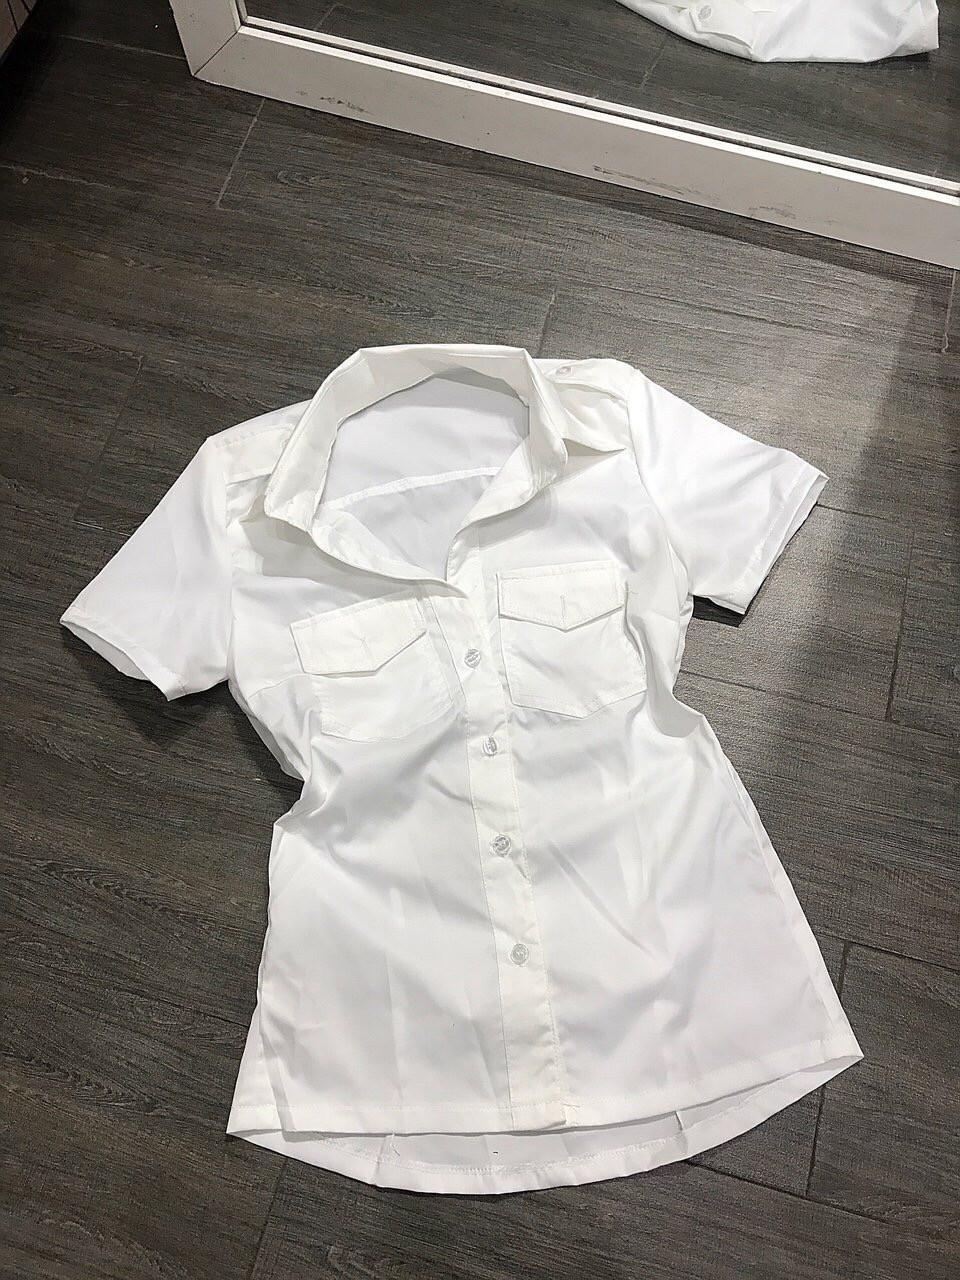 áo sơ mi nữ tay ngắn màu trắng